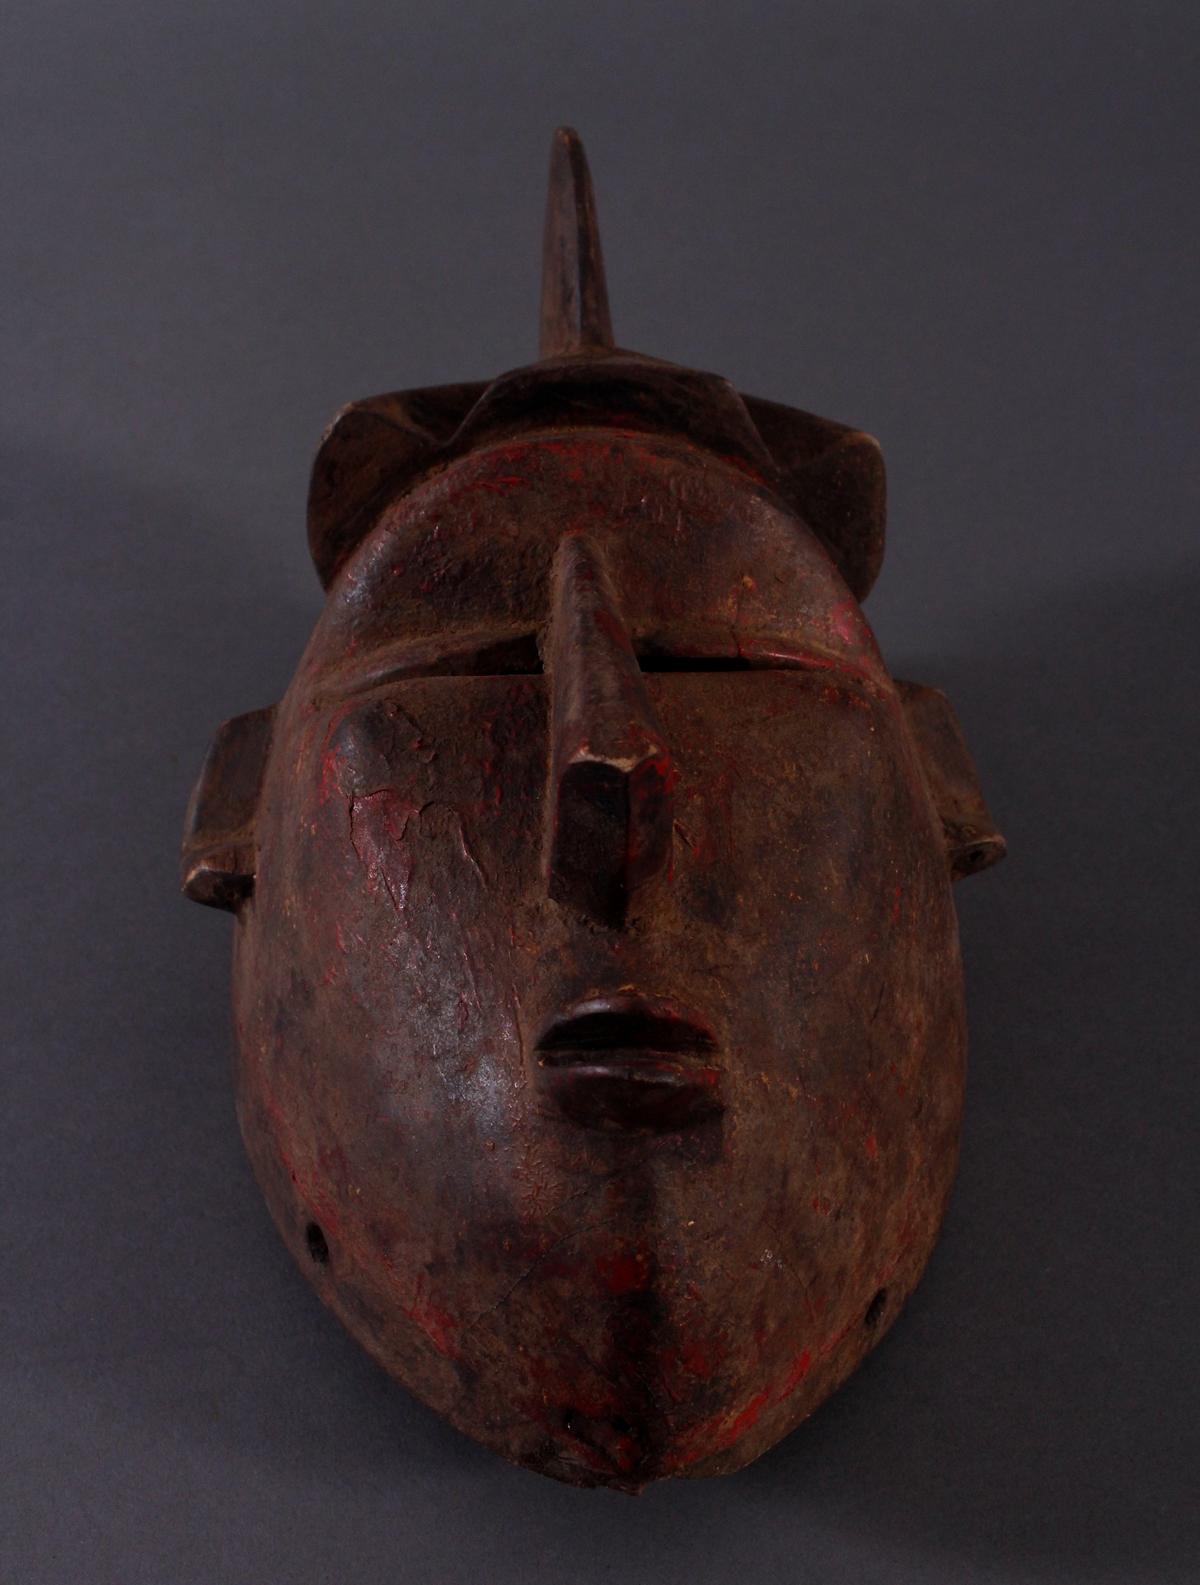 Antike Maske, Baule, Elfenbeinküste 1. Hälfte 20. Jh.Holz geschnitzt,dunkle Patina, Reste von - Bild 4 aus 6